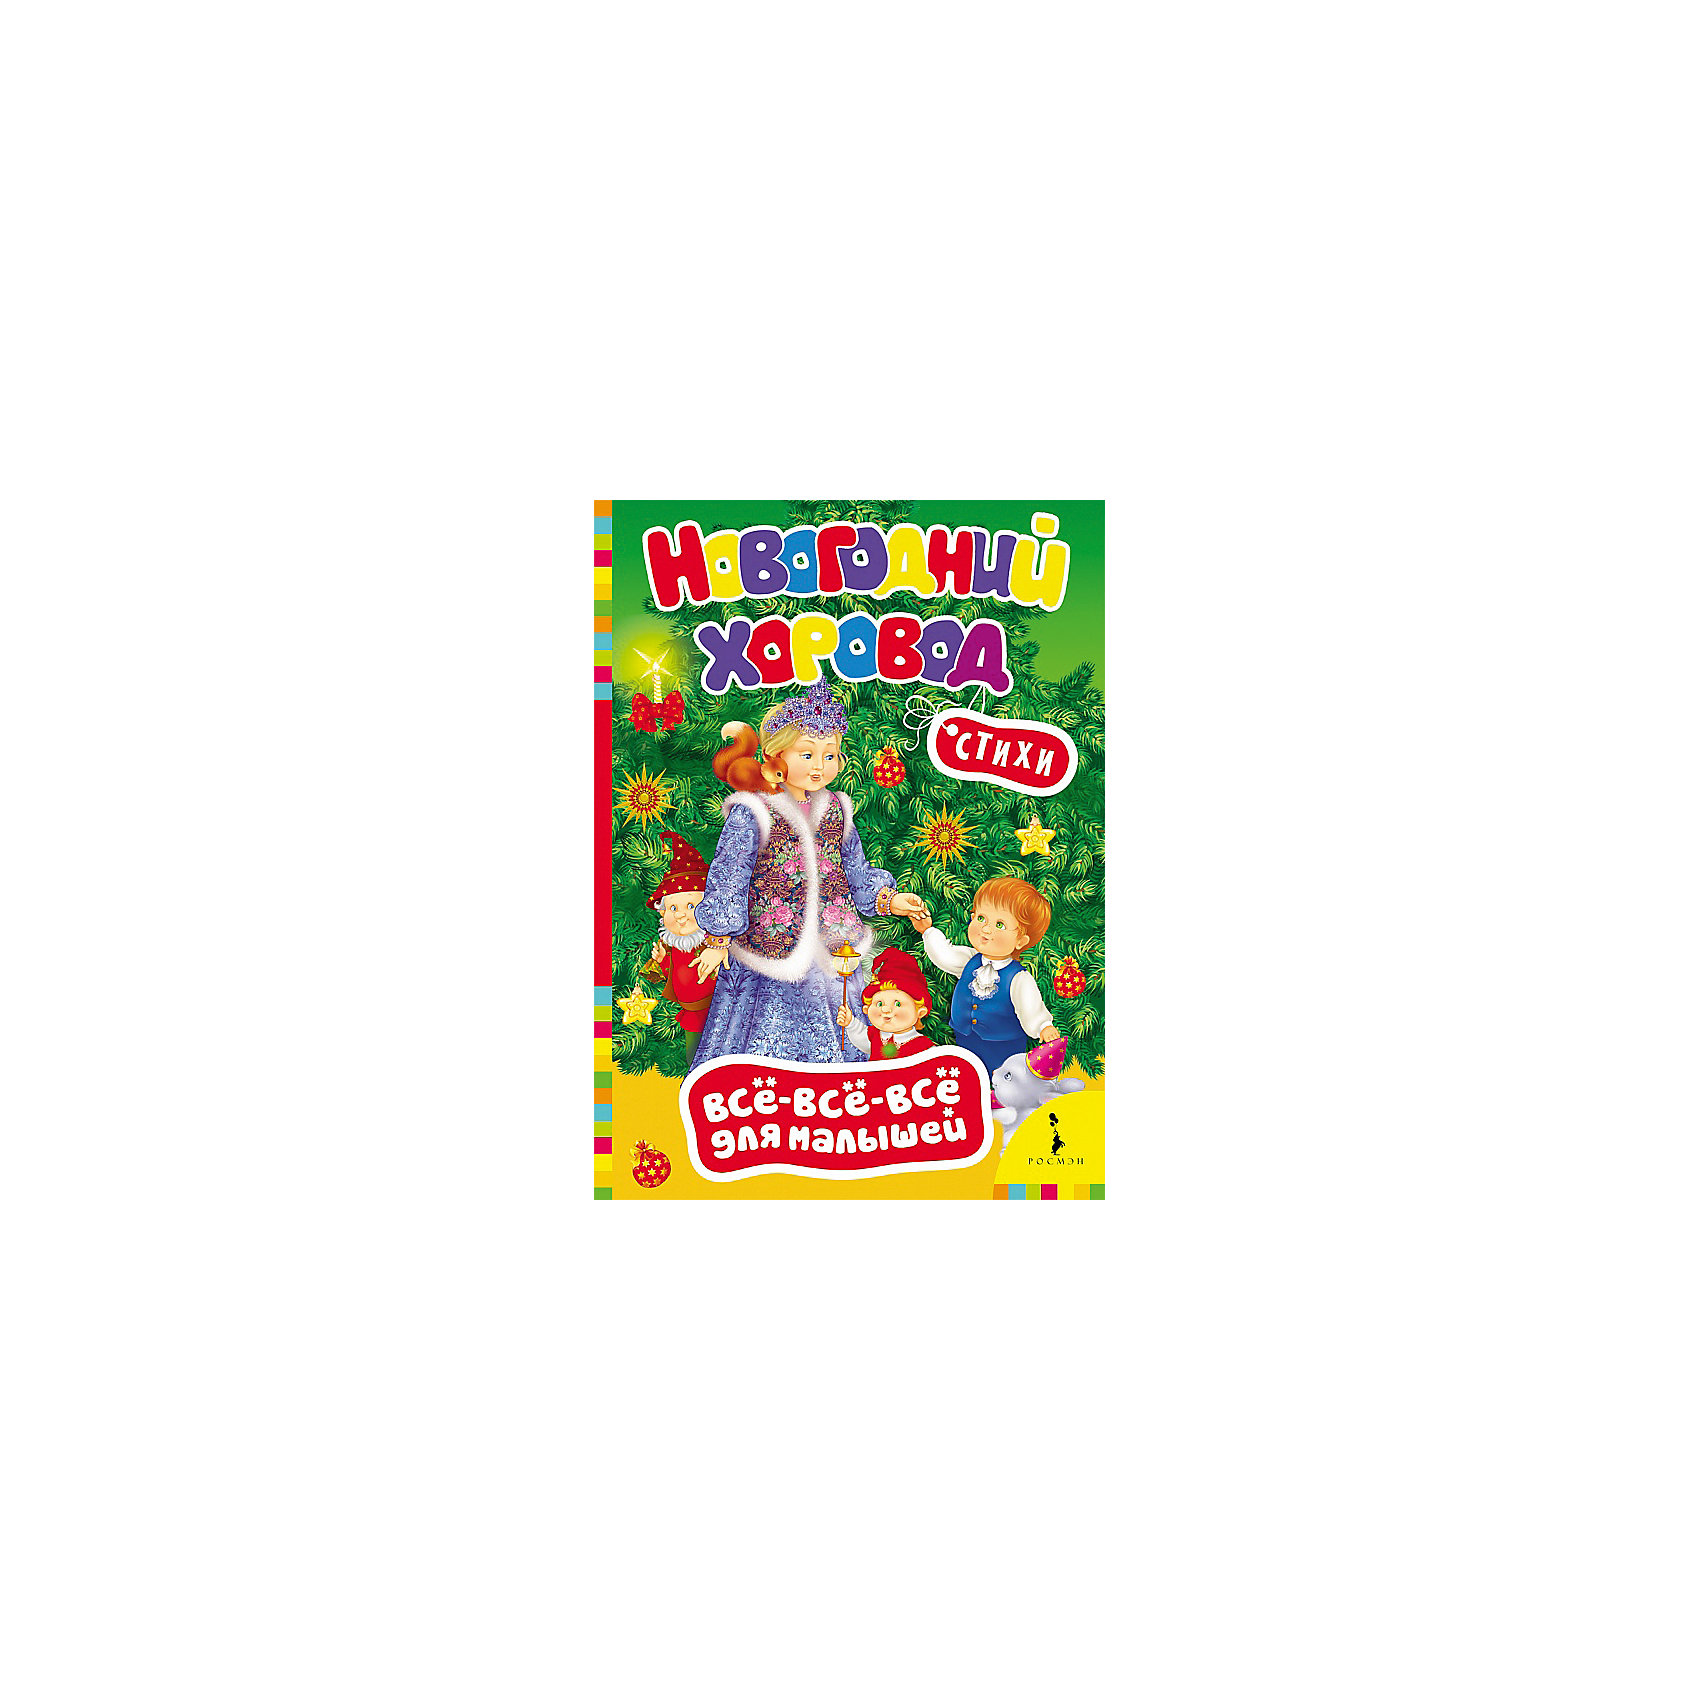 Сборник Новогодний хоровод, Всё-всё-всё для малышейНовогодние книги<br>Замечательная подборка стихов, потешек и загадок к Новому году. Красивая книжка с глянцевыми страничками и праздничными стихами станет прекрасным подаркам для малышей. <br><br>Дополнительная информация: <br><br>- Иллюстрации: цветные.<br>- Формат: 22х16 см.<br>- Переплет: твердый.<br>- Количество страниц: 12 <br><br>Сборник Новогодний хоровод можно купить в нашем магазине.<br><br>Ширина мм: 220<br>Глубина мм: 160<br>Высота мм: 5<br>Вес г: 113<br>Возраст от месяцев: 12<br>Возраст до месяцев: 72<br>Пол: Унисекс<br>Возраст: Детский<br>SKU: 4323882